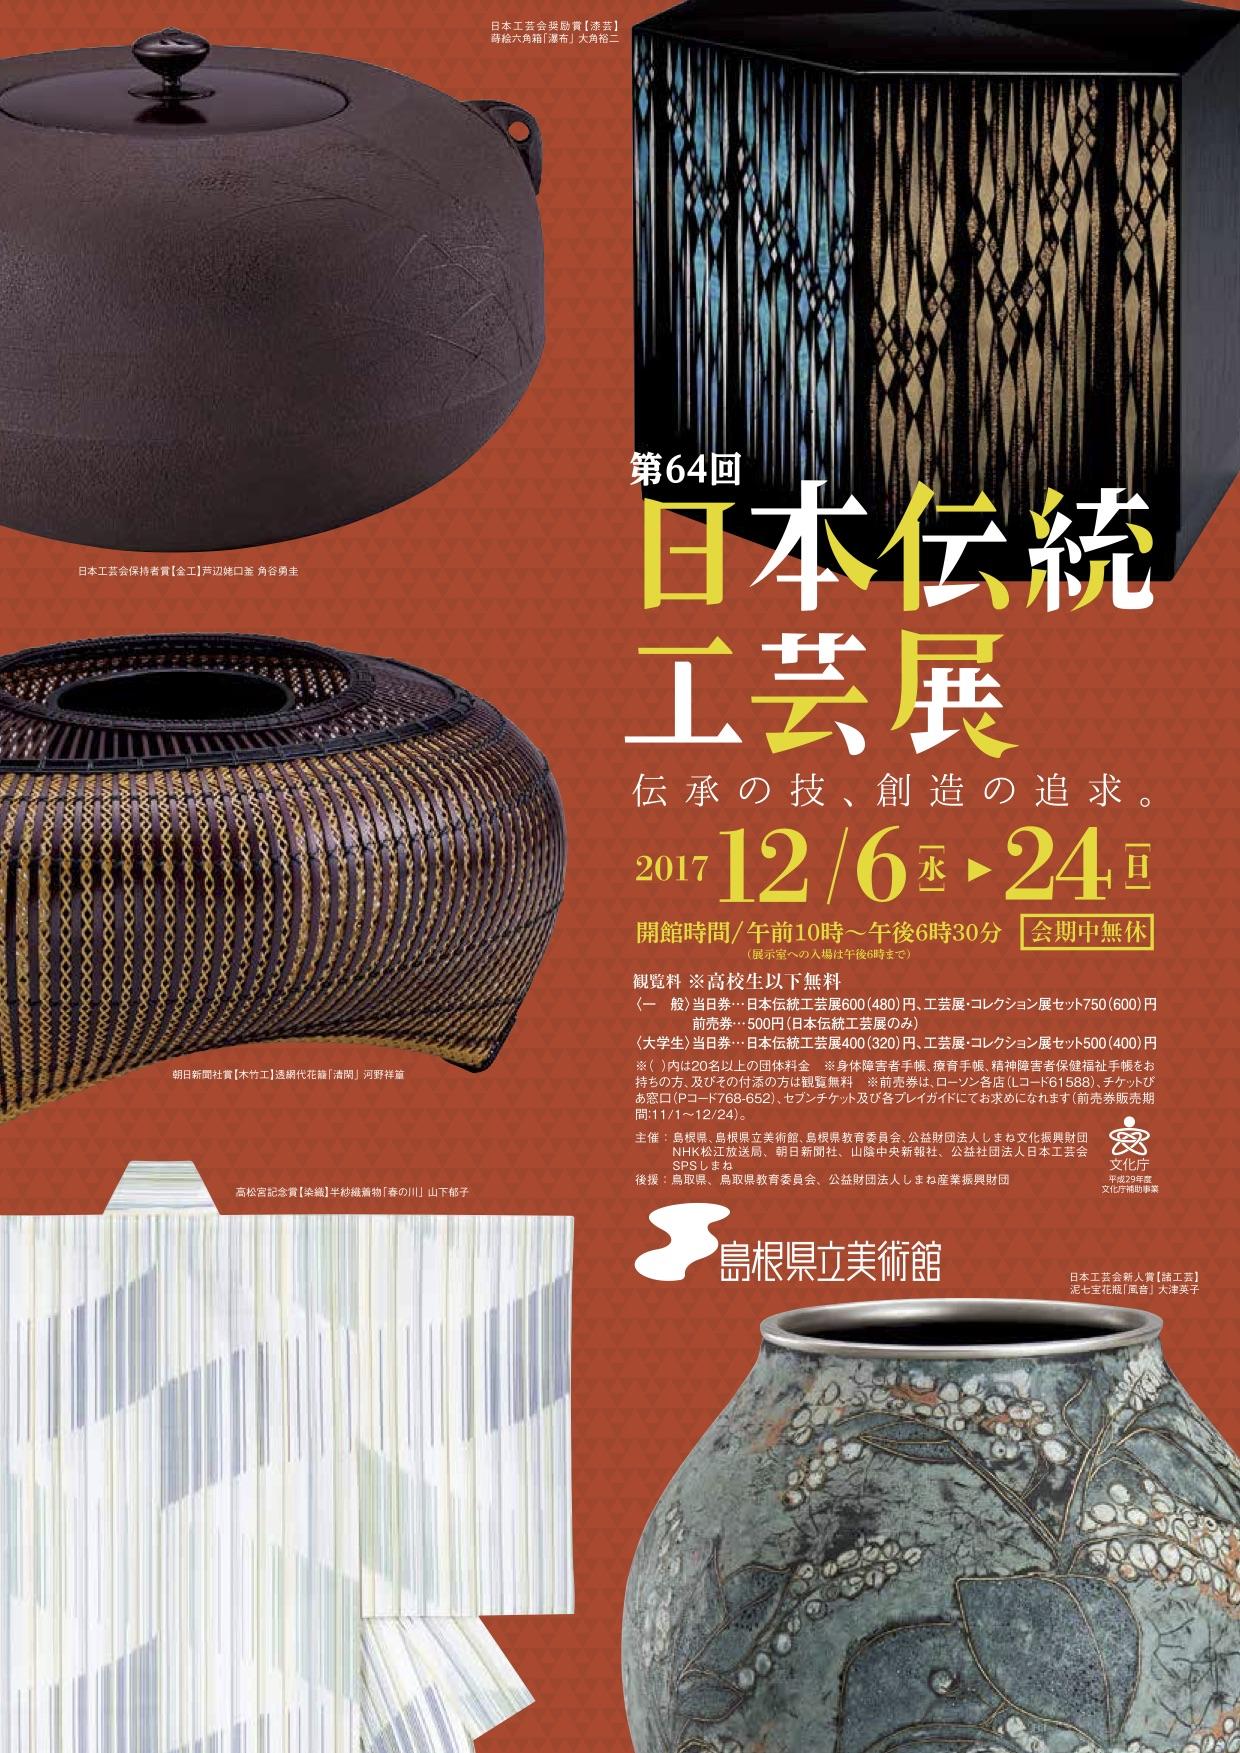 第64回 日本伝統工芸展(島根)